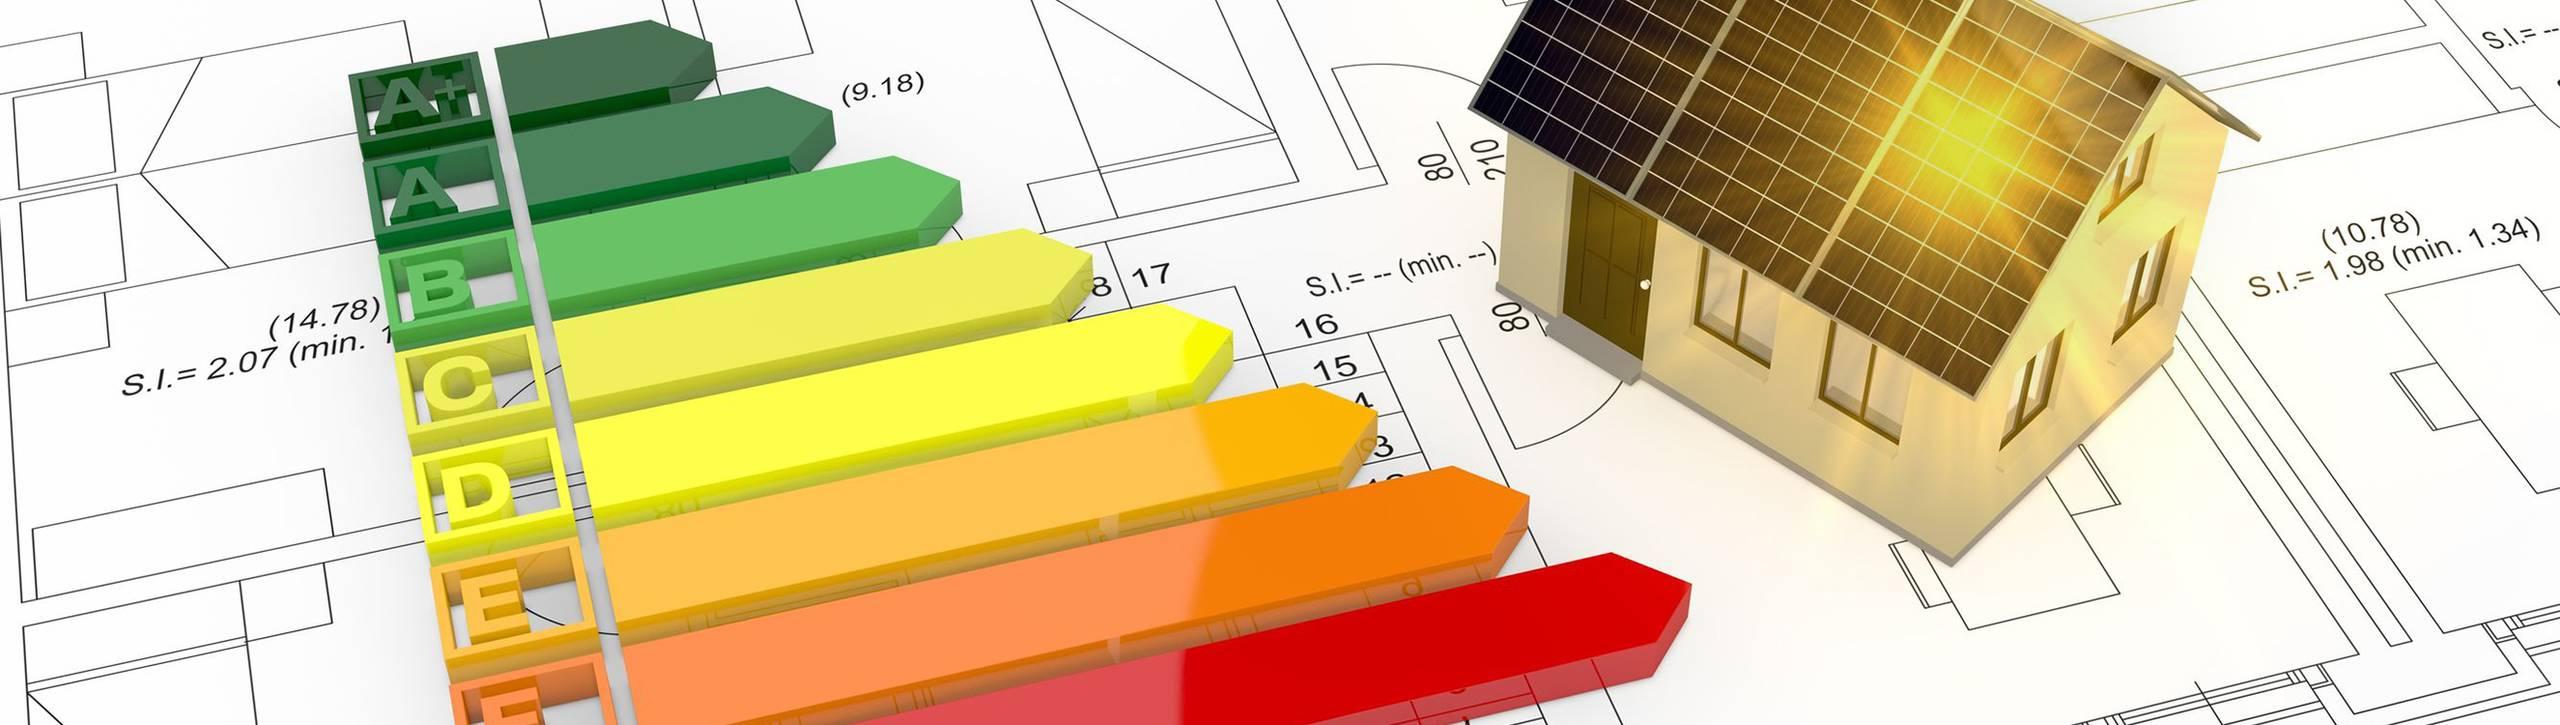 Energieeinsparverordnung – Toni Ungelert Bauunternehmen